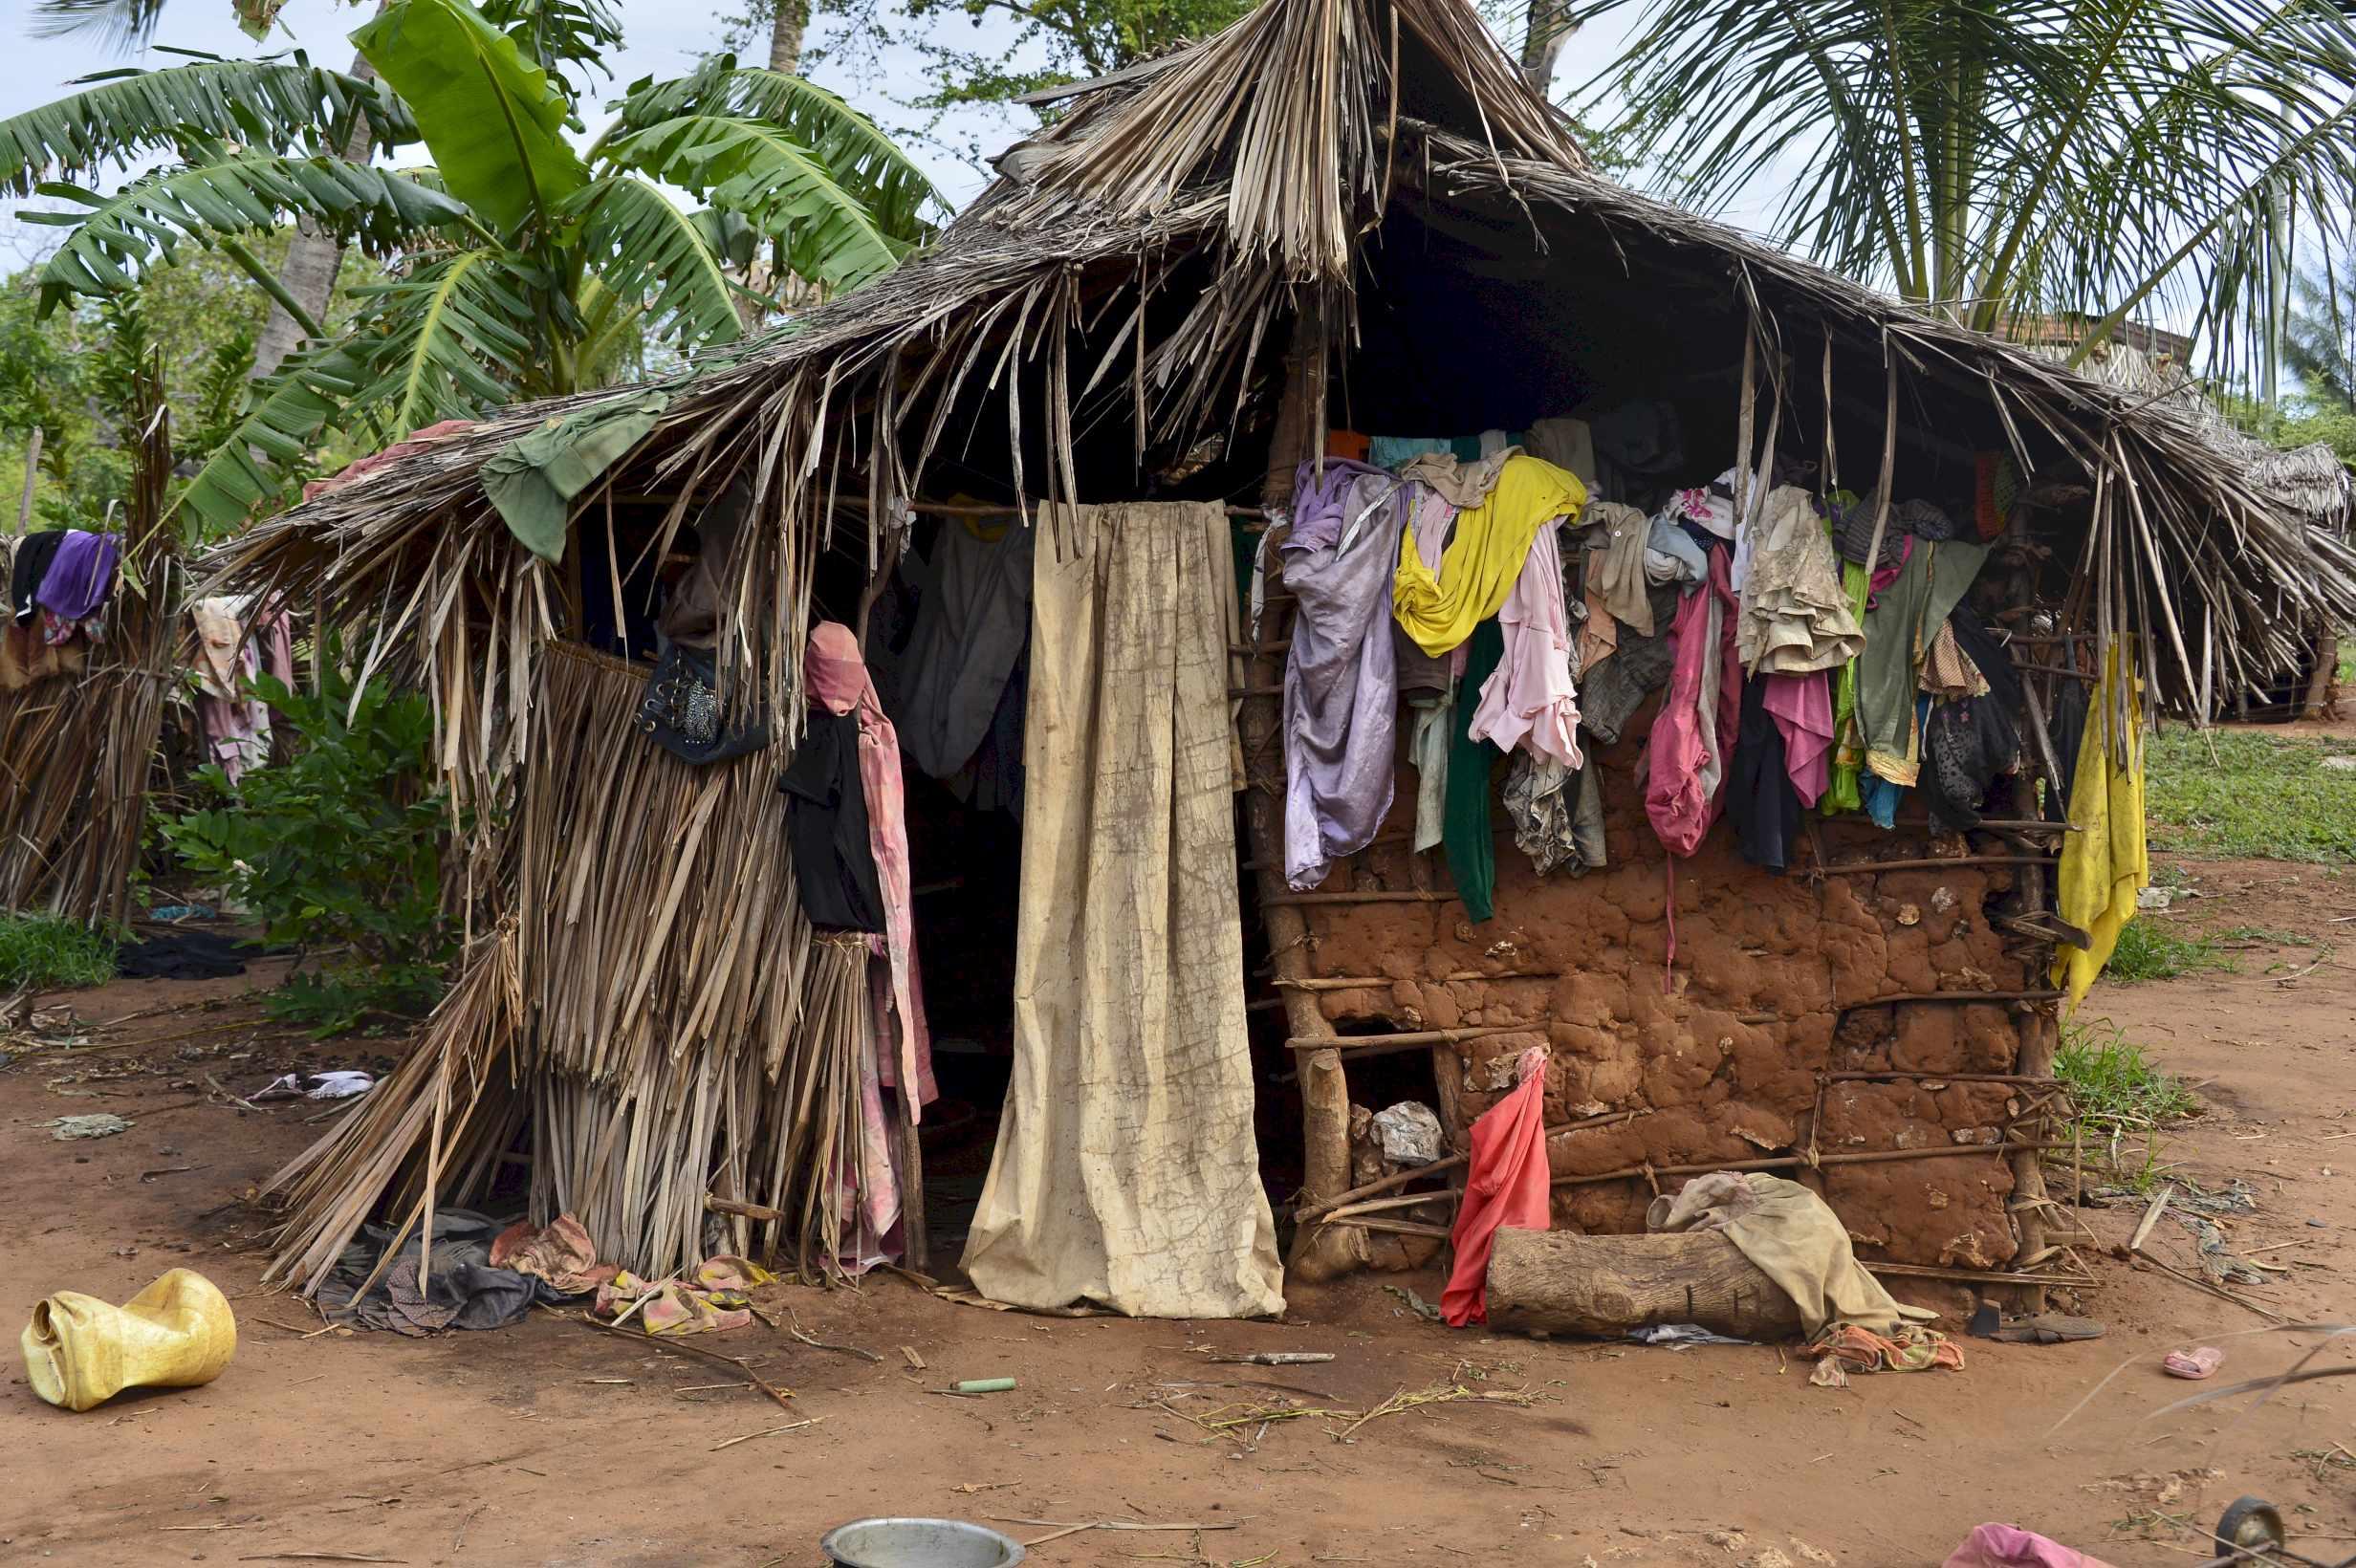 Kenya, Malindi